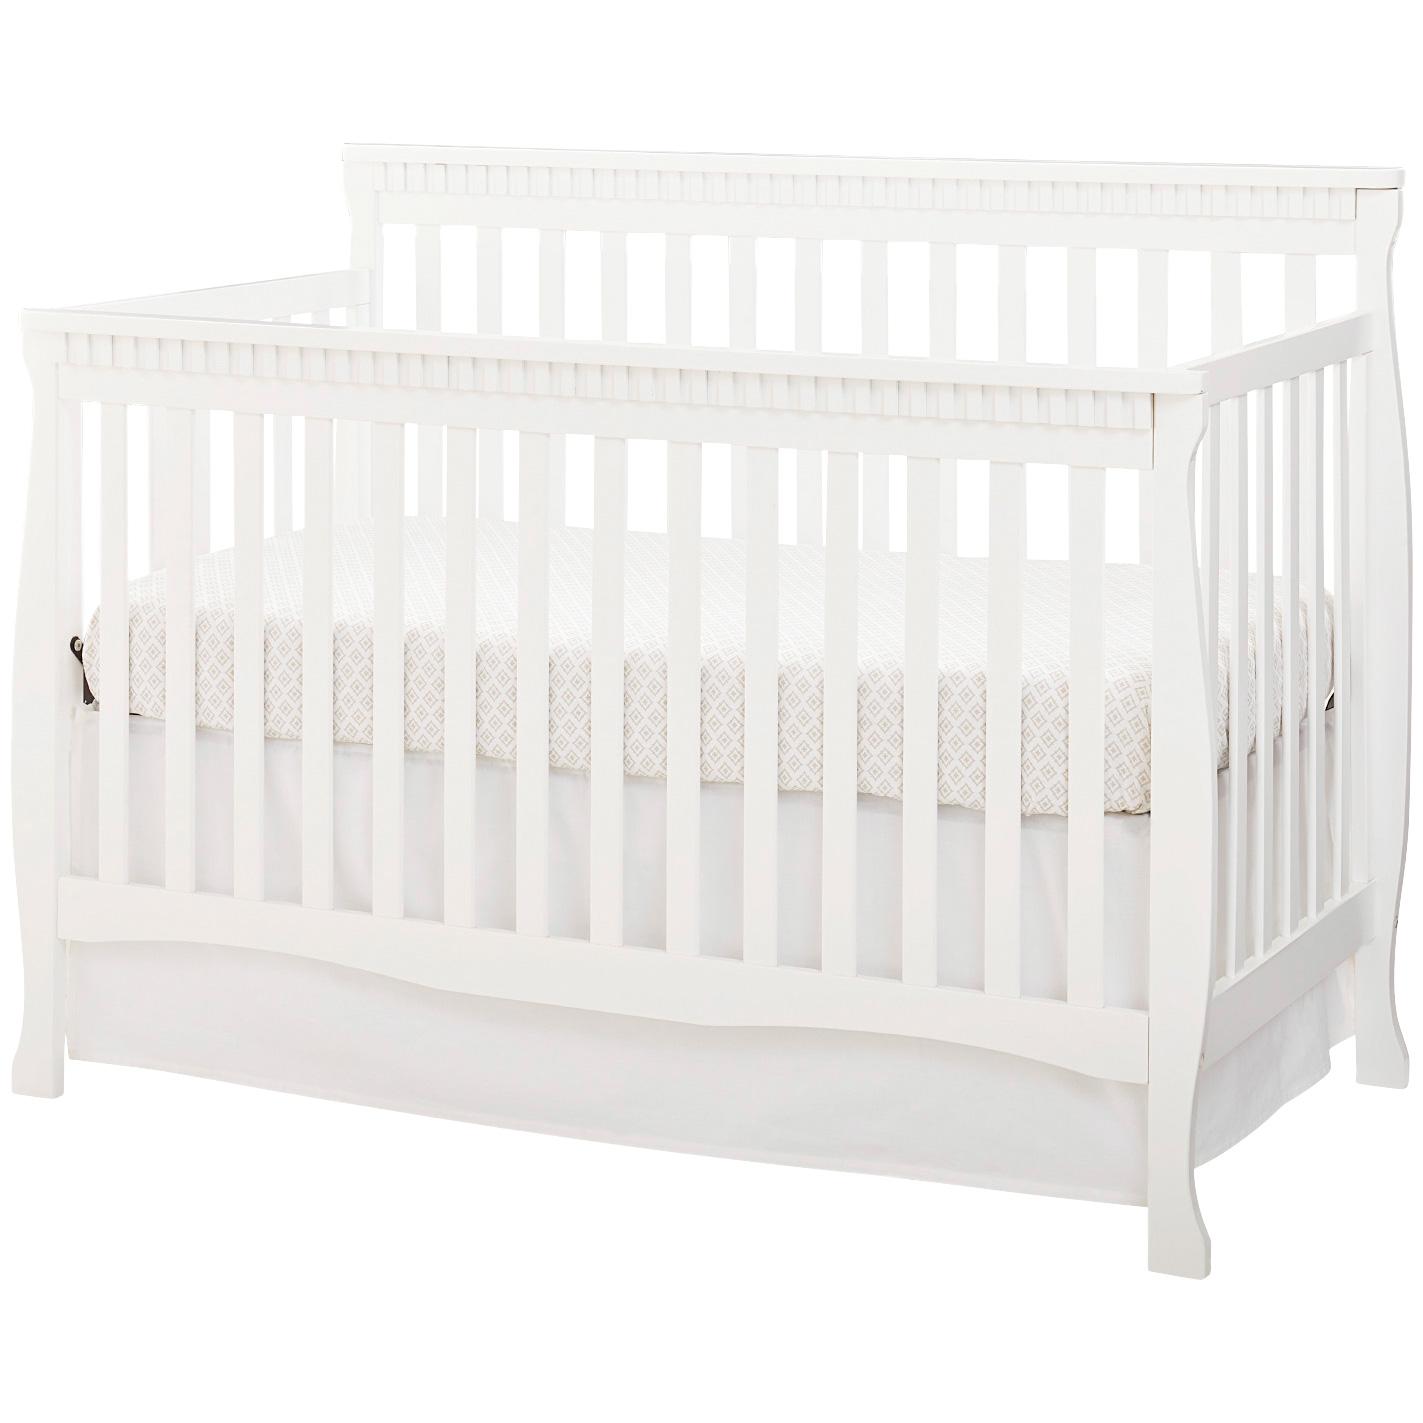 Westwood Design | Emery White Slat Crib